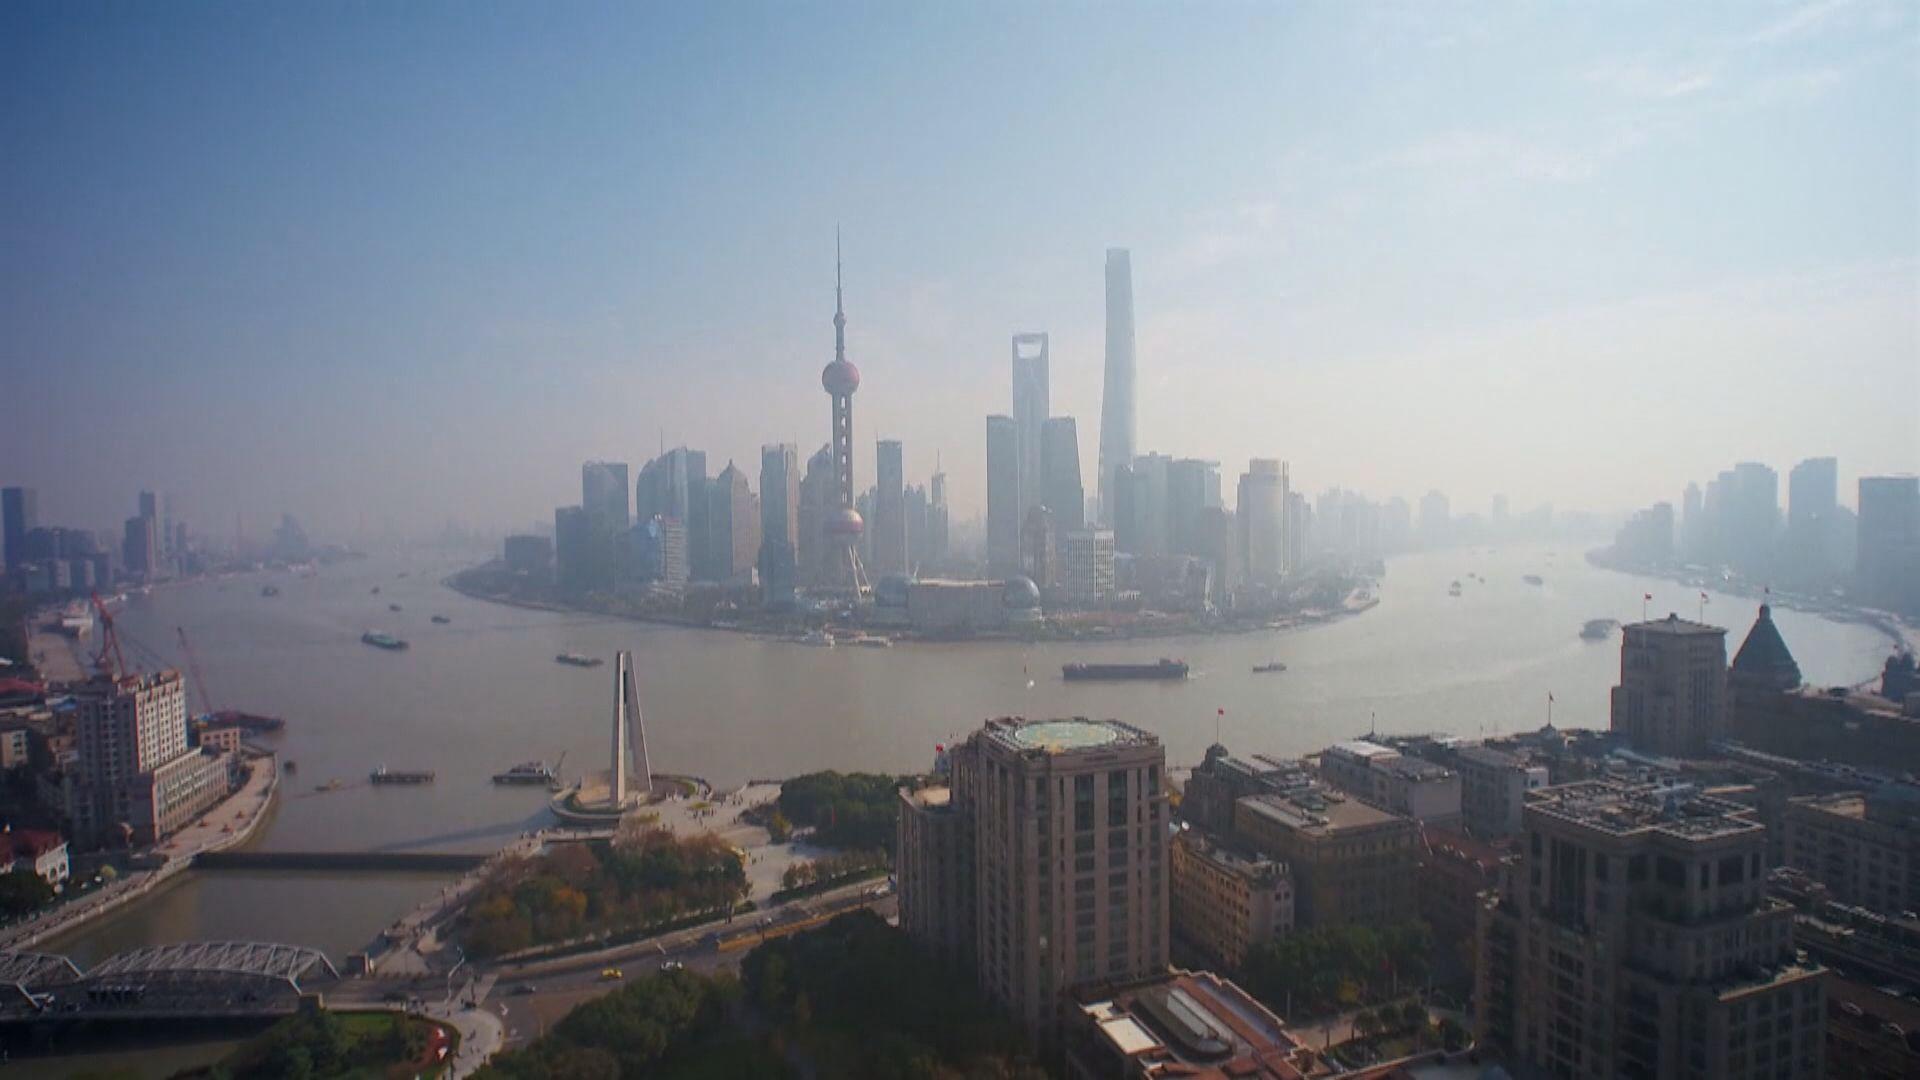 【看淡前景】惠譽料中國明年經濟增長放緩至5.7%